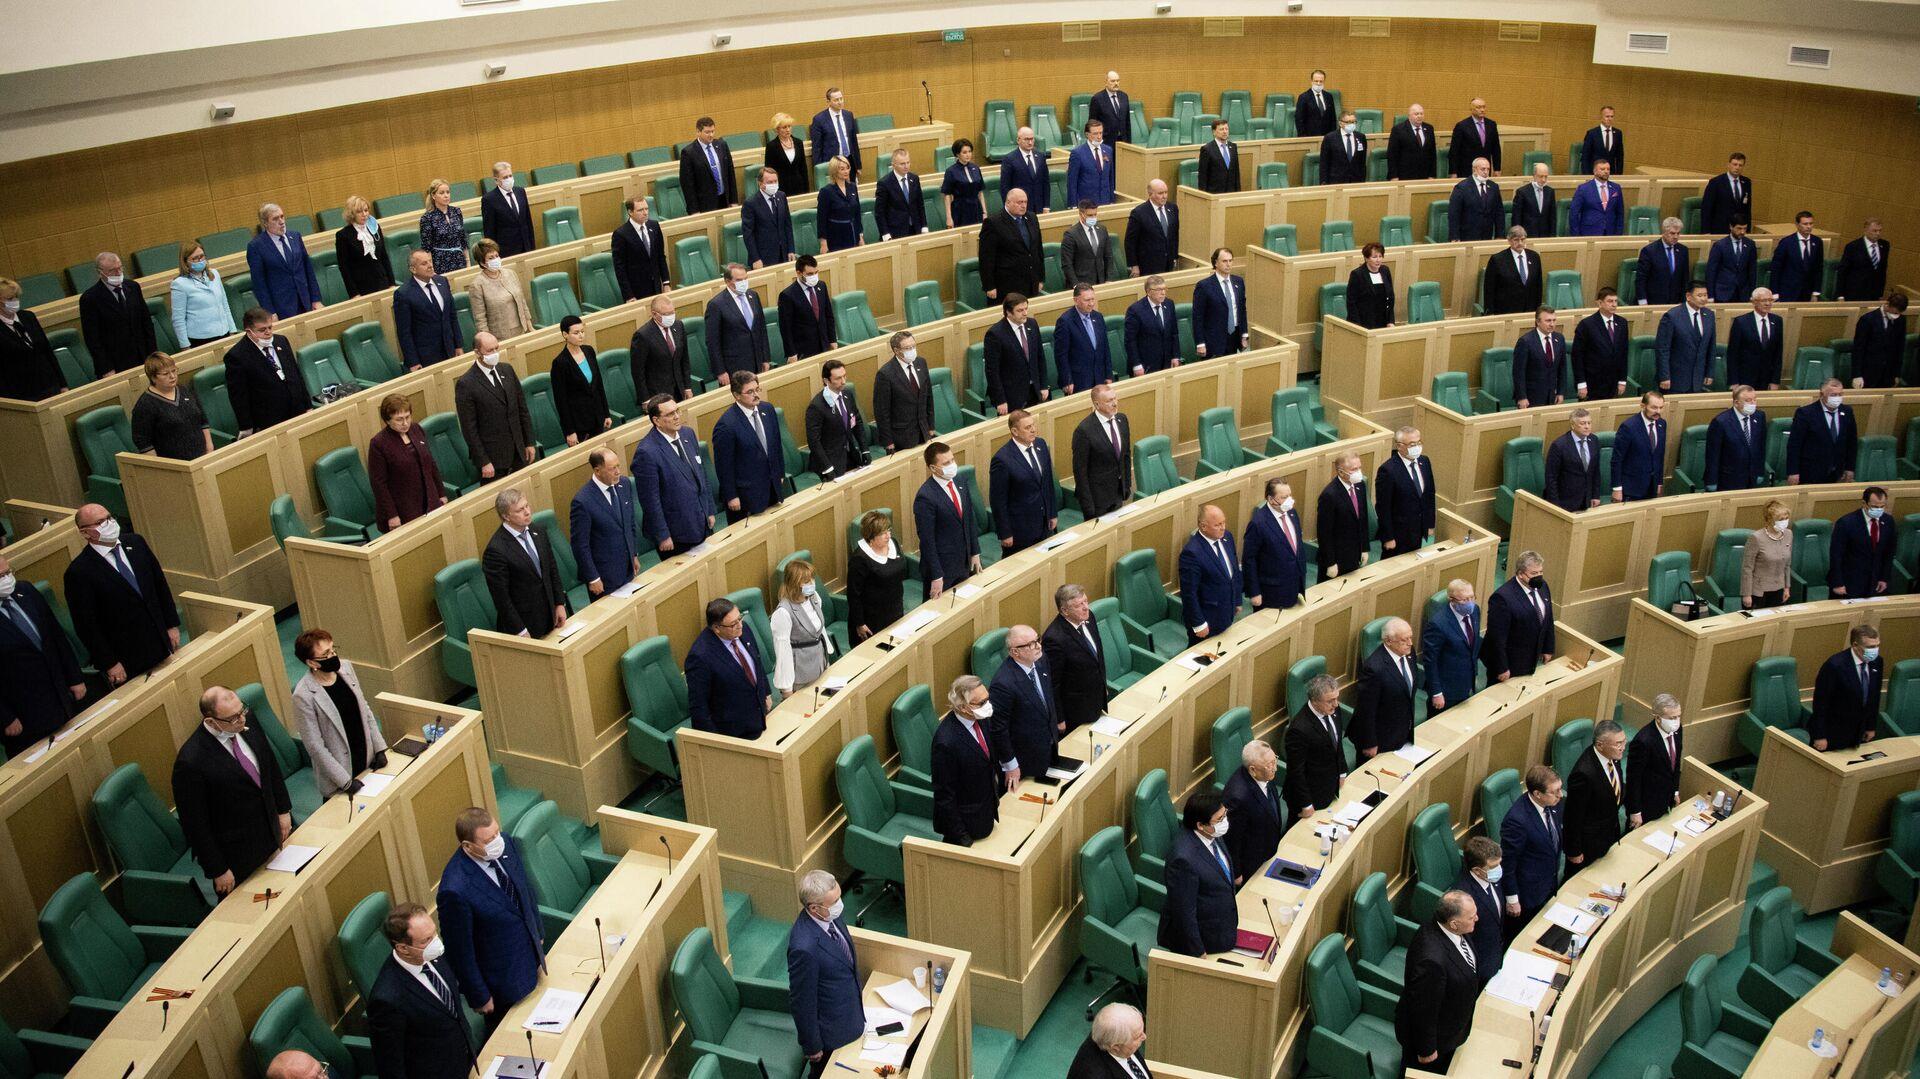 1570203832 0:161:3071:1888 1920x0 80 0 0 bea9ed6c63a8941a55053d2e971ddd0a - В Совфеде рассказали, как пройдет Форум регионов России и Белоруссии